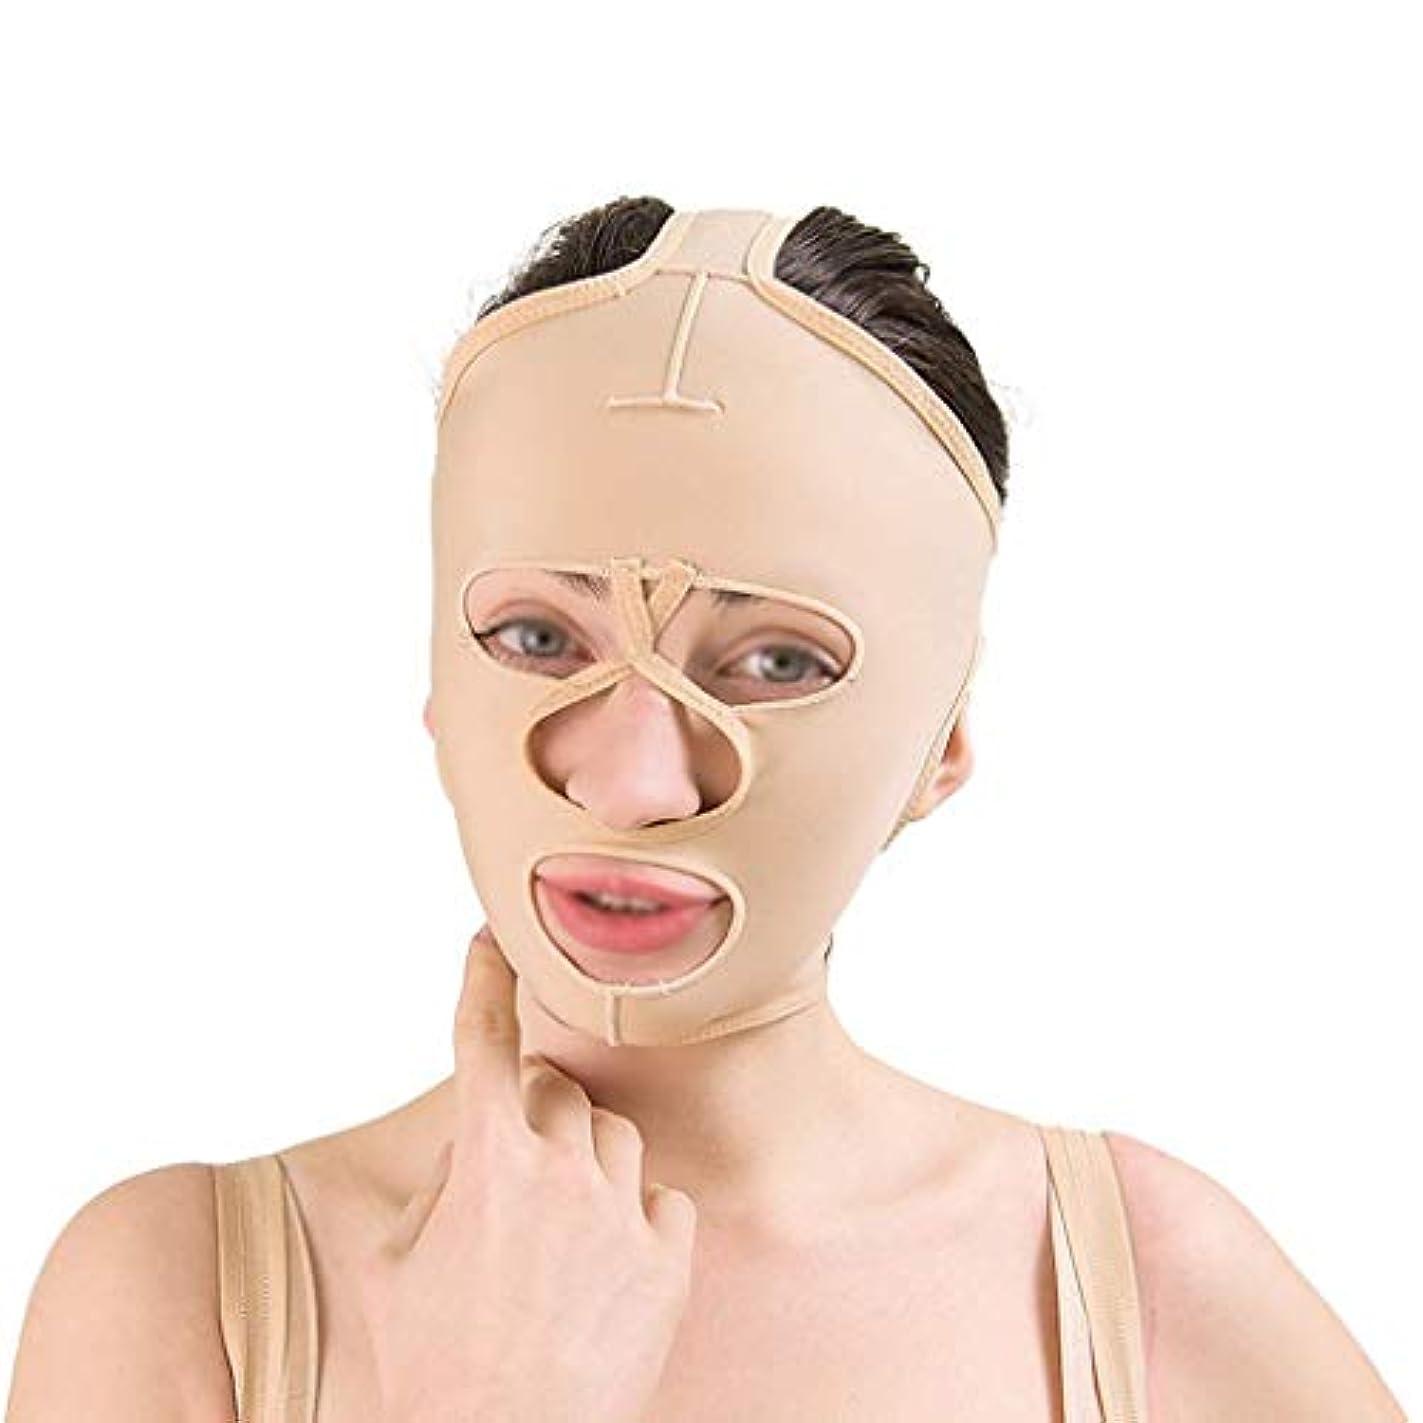 すでに相互備品フェイシャルリフティングツール、フェイシャルビューティーリフティングマスク、通気性引き締めリフティングフェイシャル包帯、フェイシャルタイトバンデージ(サイズ:L),M